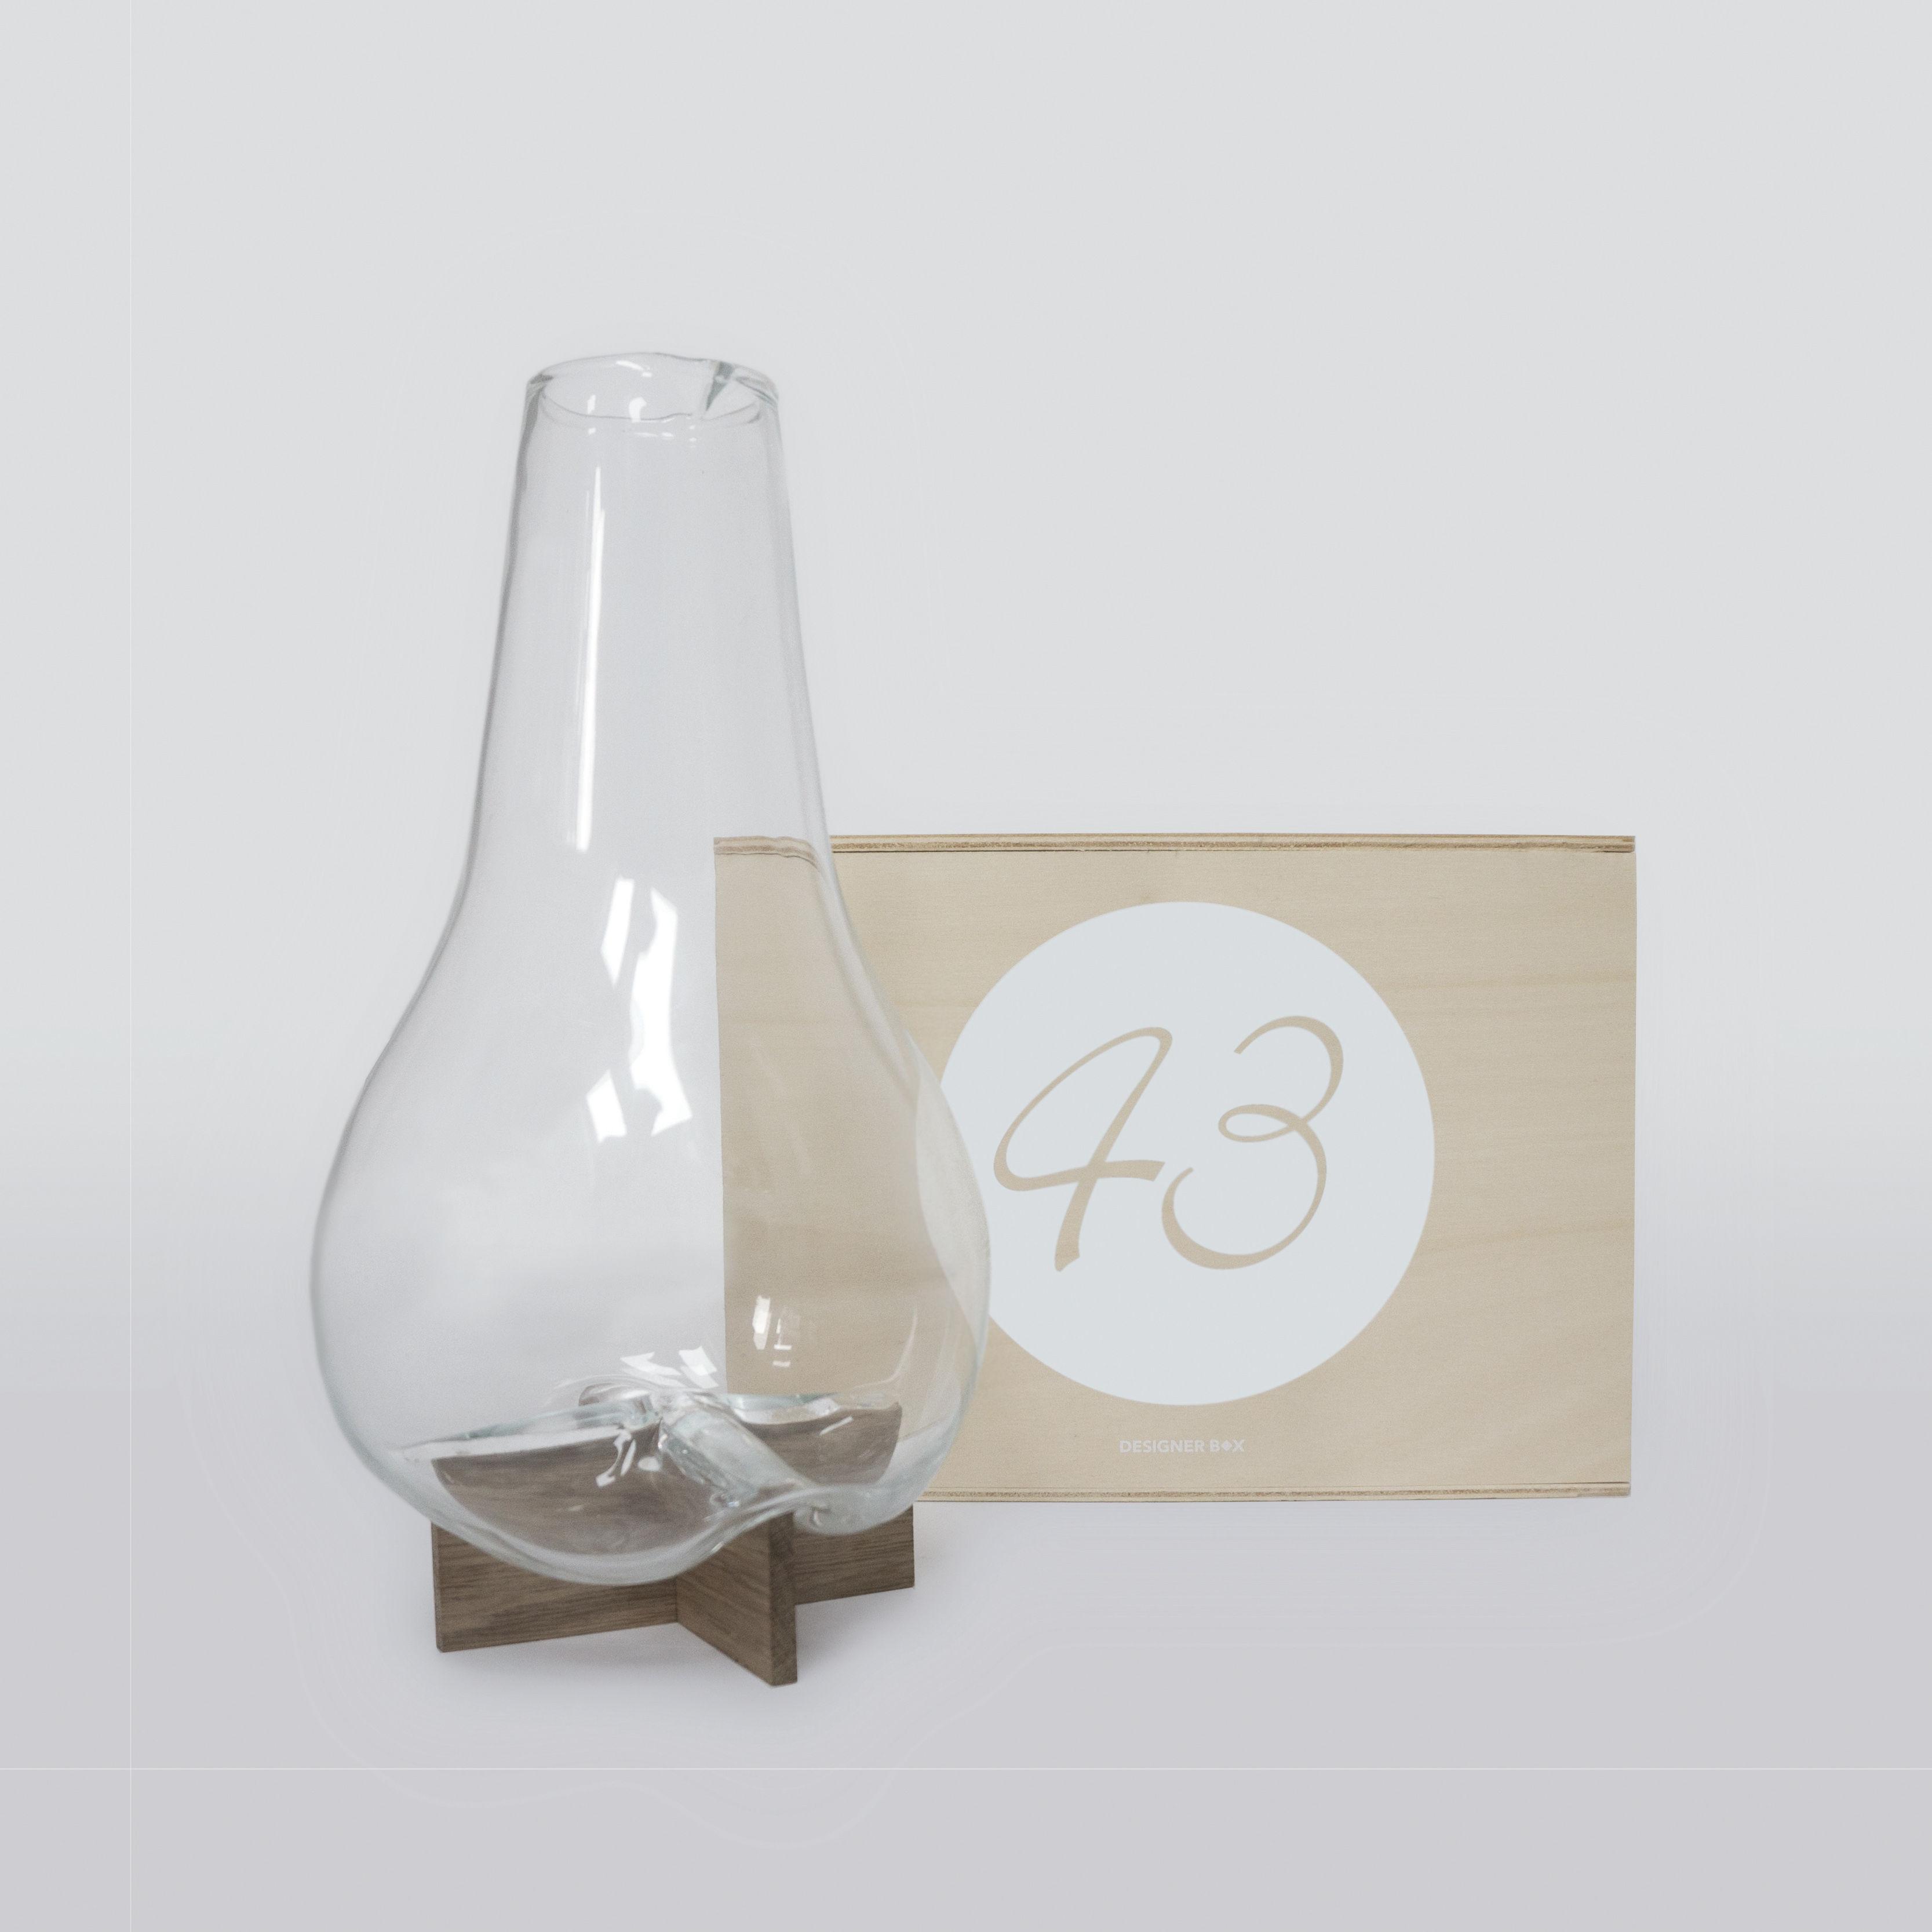 Arts de la table - Carafes et décanteurs - Coffret Designerbox#43 / Carafe 1L - Vanessa Mitrani - Designerbox - Transparent / Bois - Chêne massif, Verre soufflé